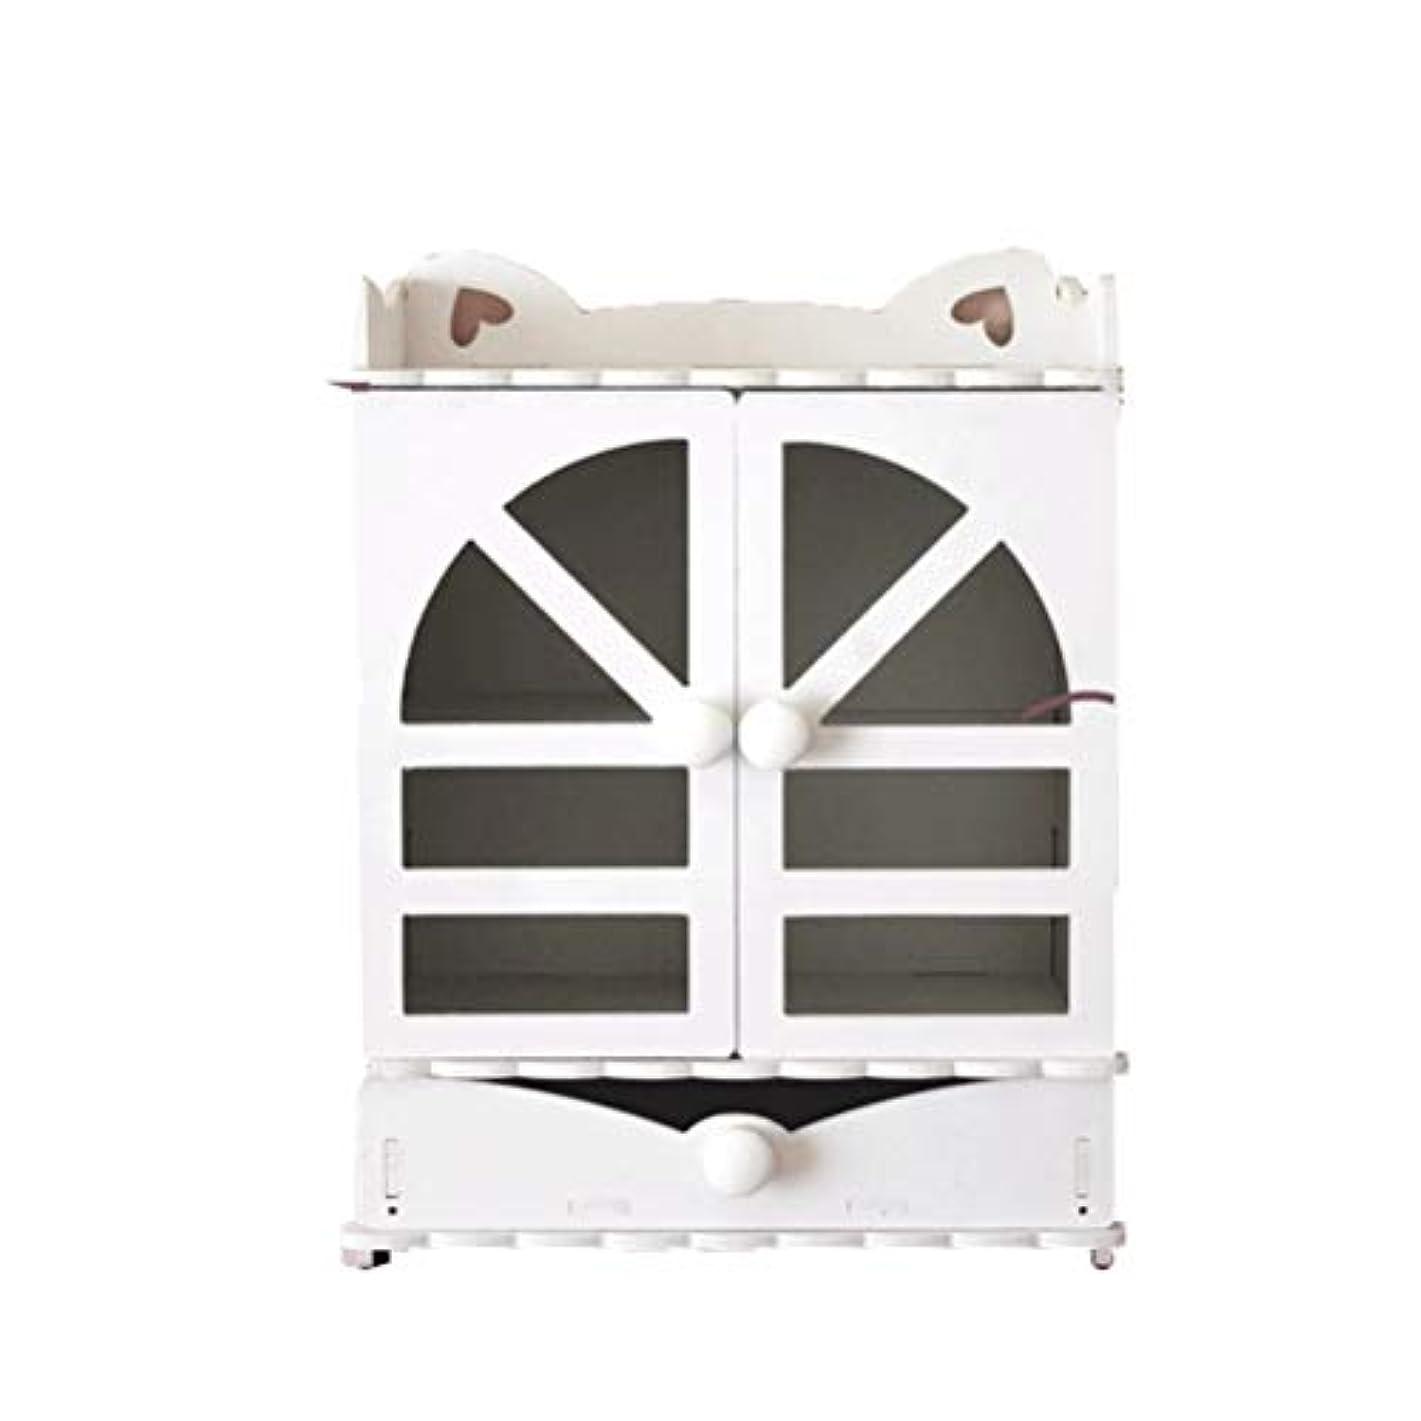 カカドゥ打撃一節化粧品収納ボックス 大容量 メイクボックス コスメ収納 卓上収納 蓋付き 引き出し式 収納ボックス 持ち運び 防塵 スキンケア用品入れ 小物入れ ジュエリーケース 家庭用 洗面所 テーブル整理 ハウス型